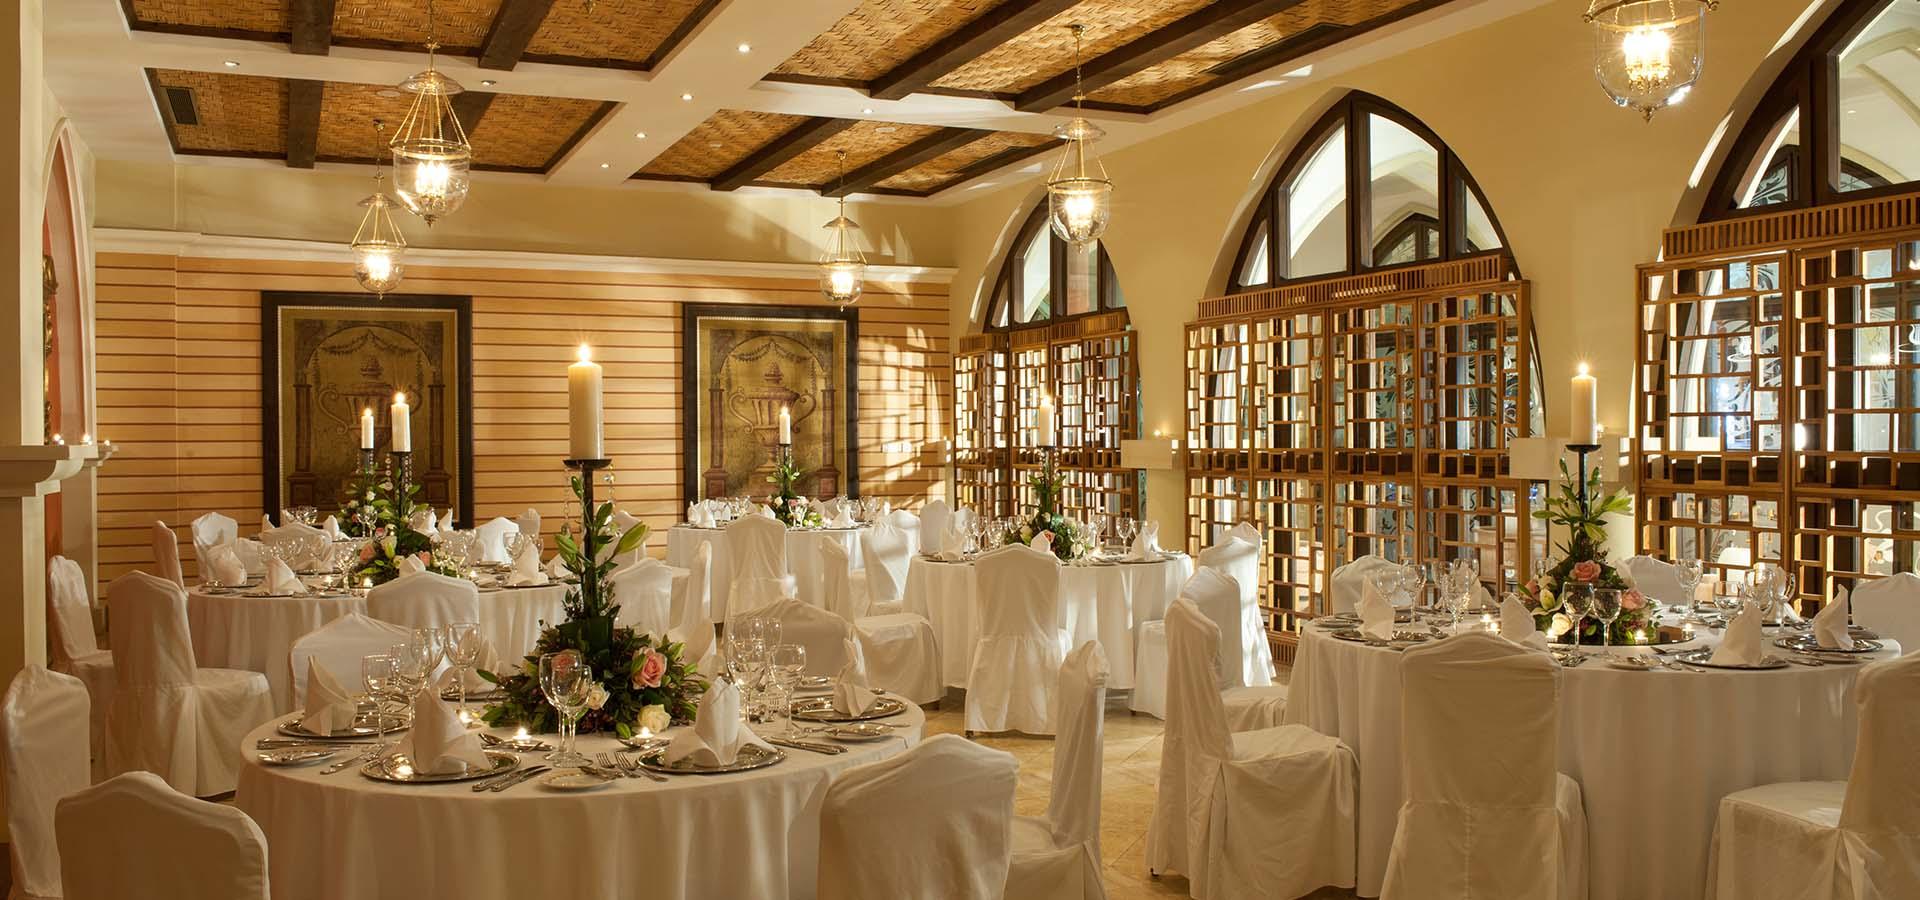 Basilica Foyer Elysium Hotel : Luxuriöses konferenzhotel zypern messina hall das elysium